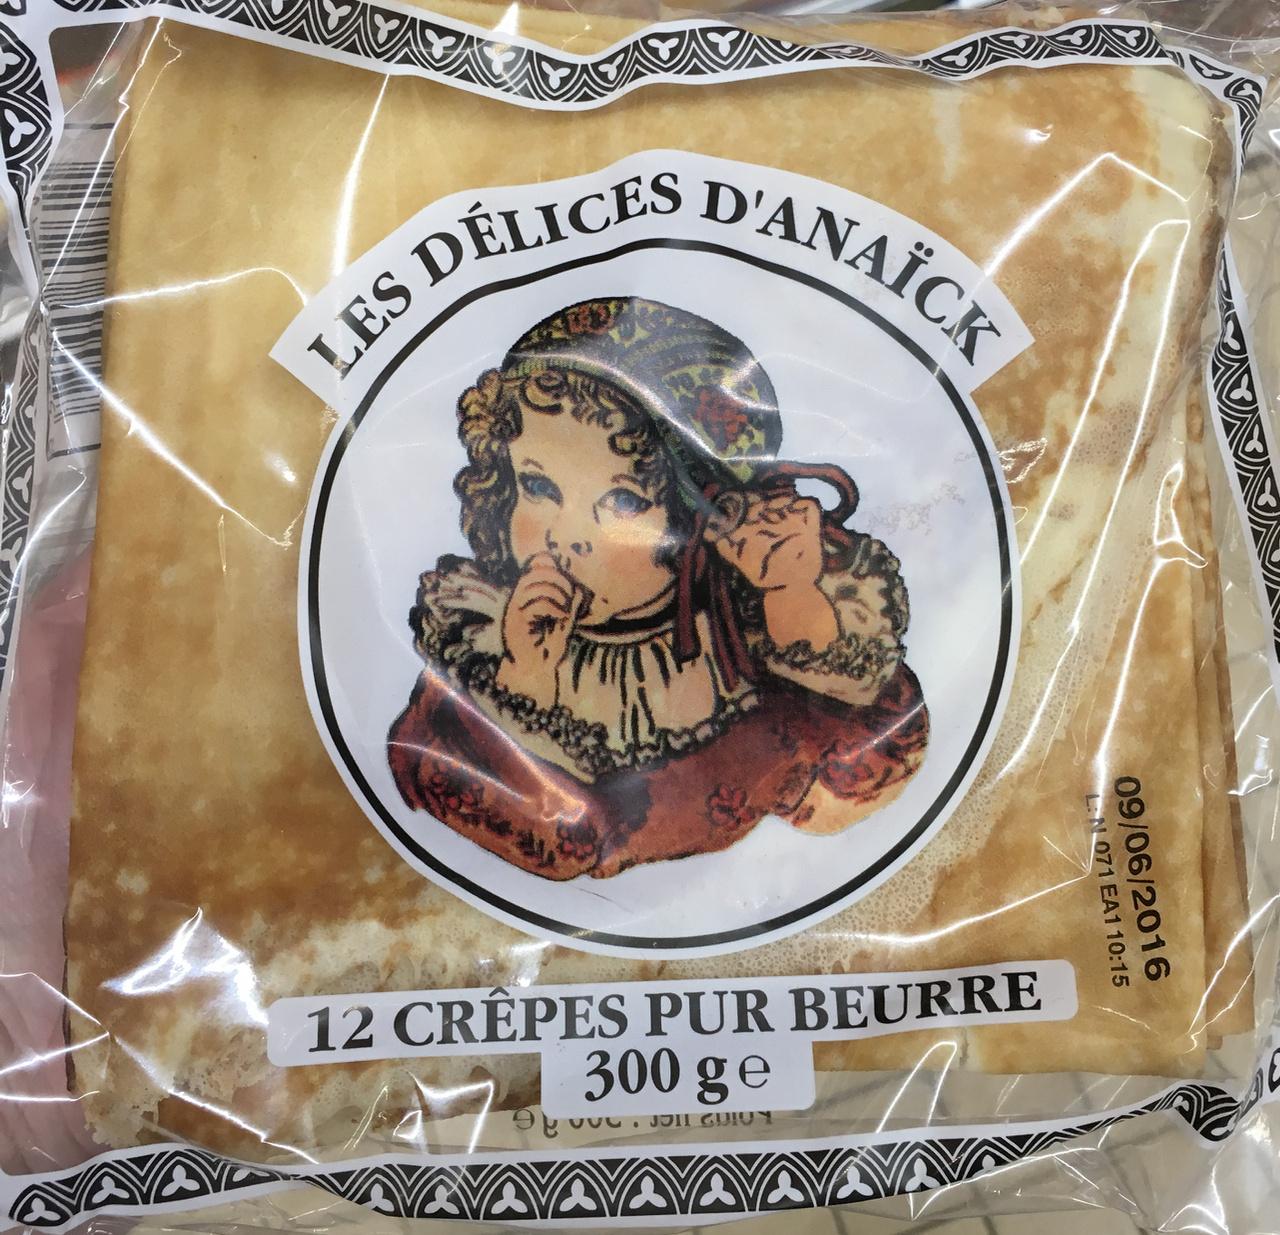 12 crêpes pur beurre - Produit - fr